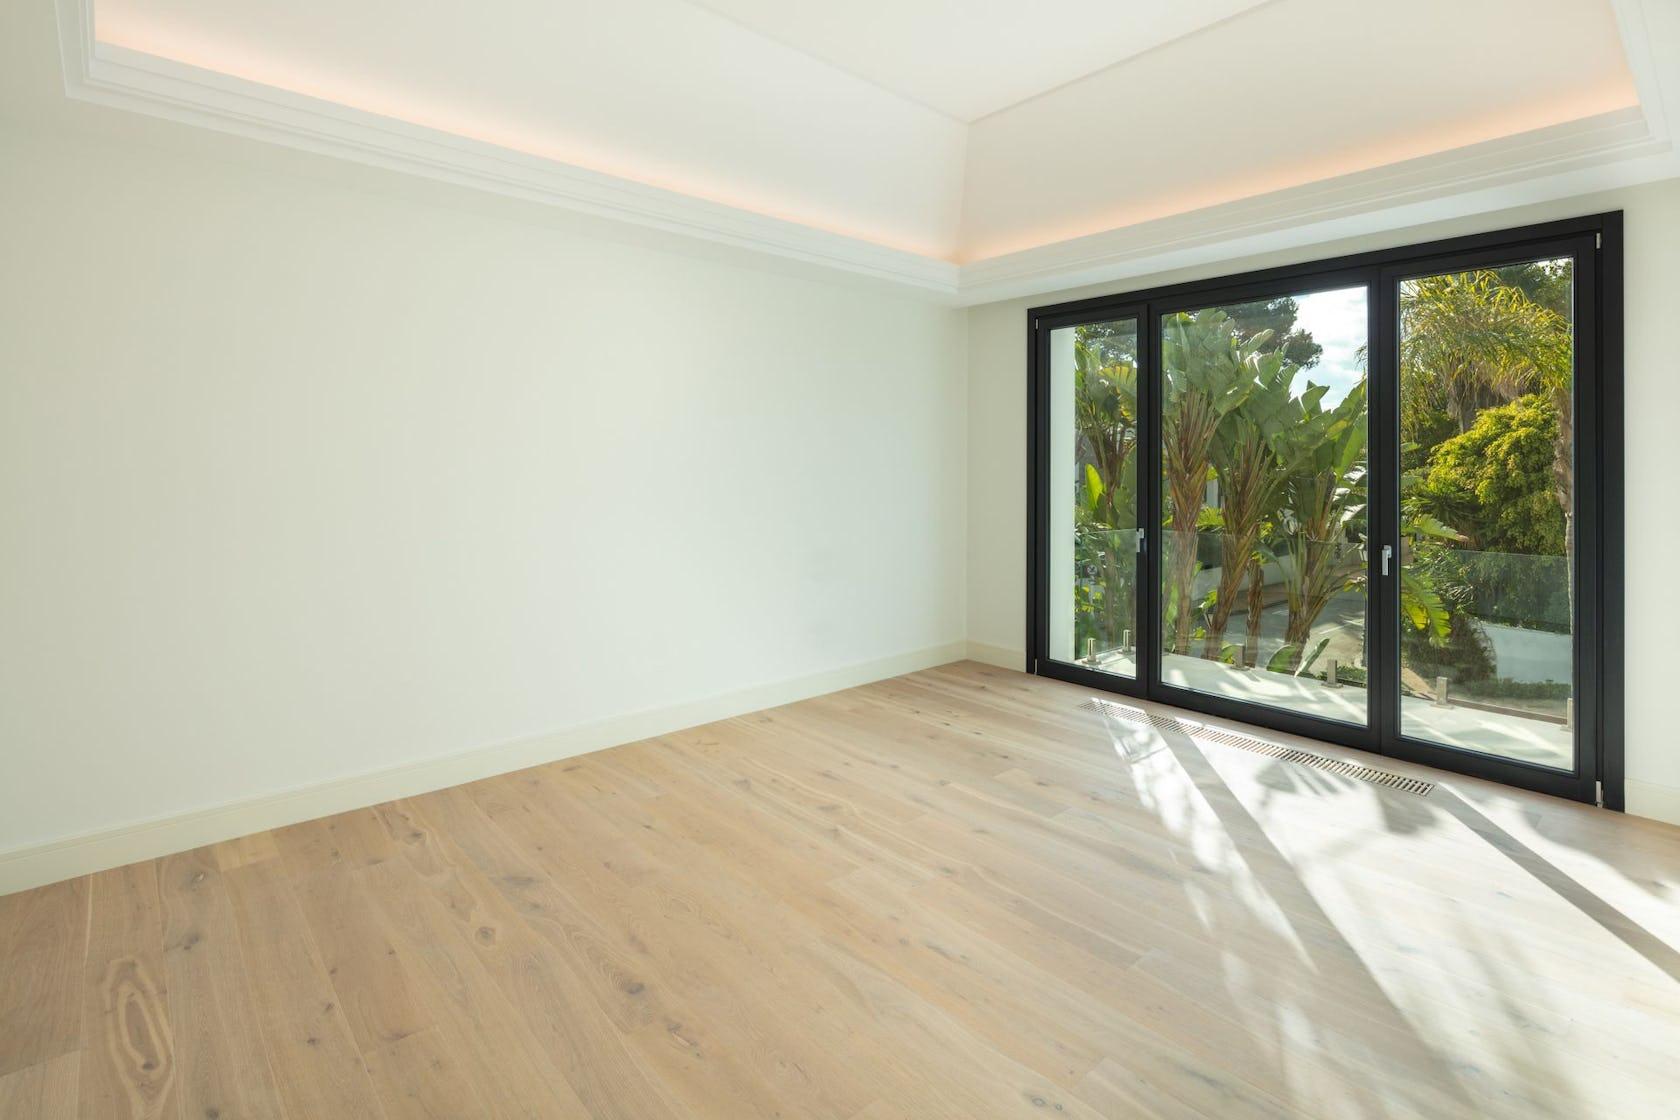 floor flooring door